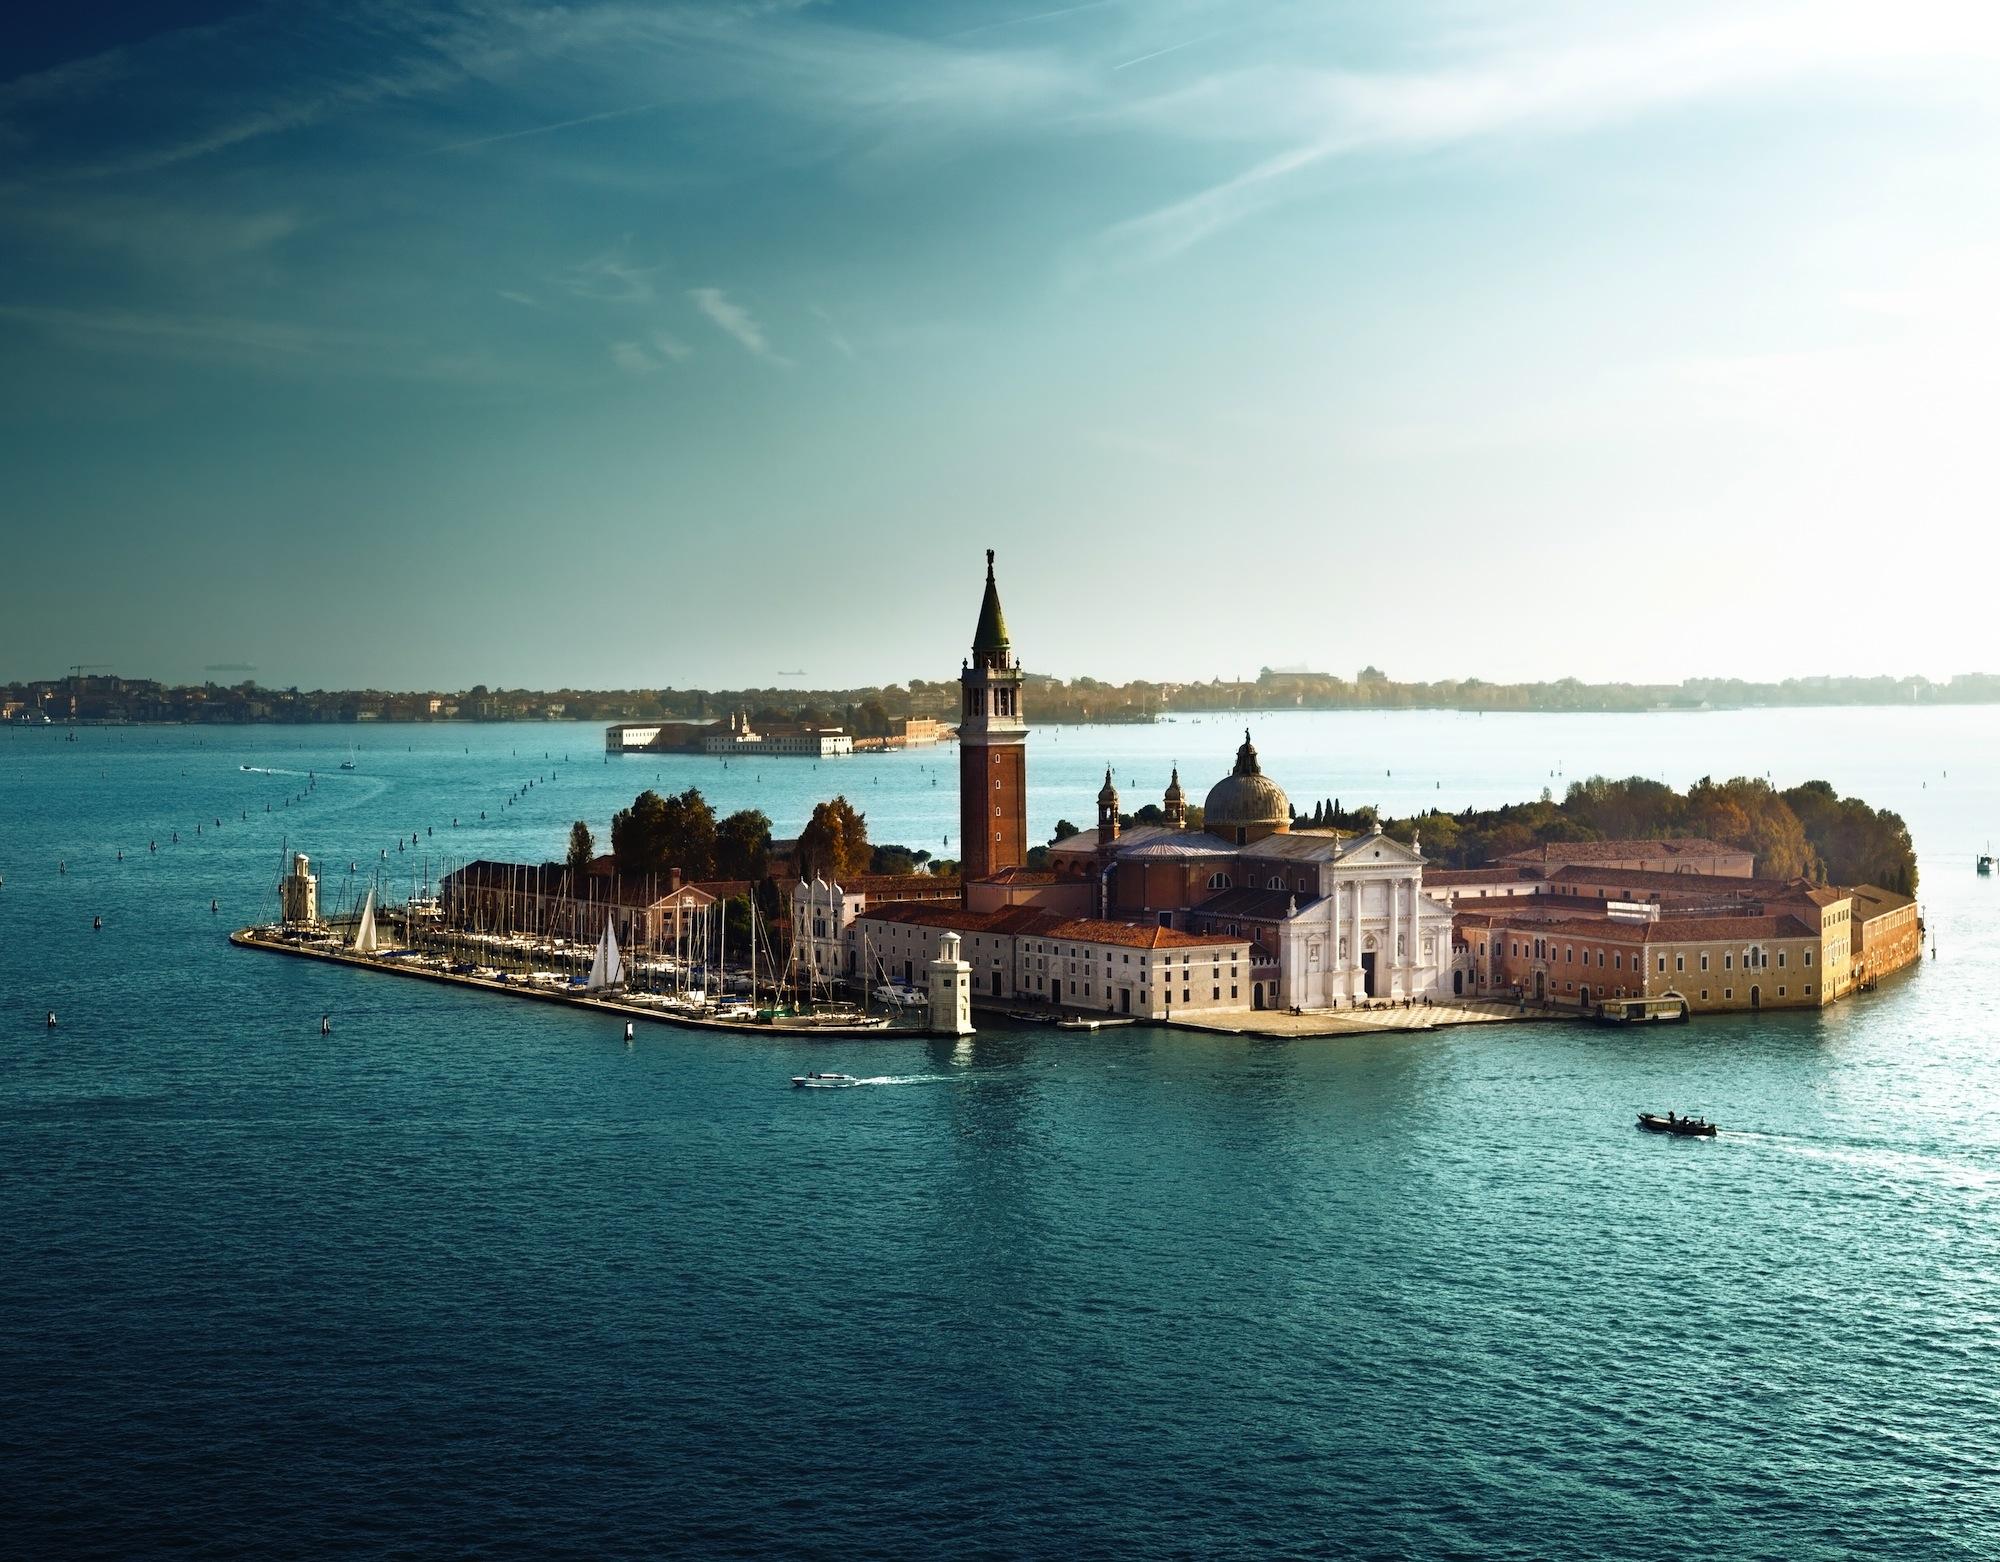 Îles San Giorgio papiers peints photo 3D appliqué sur le mur